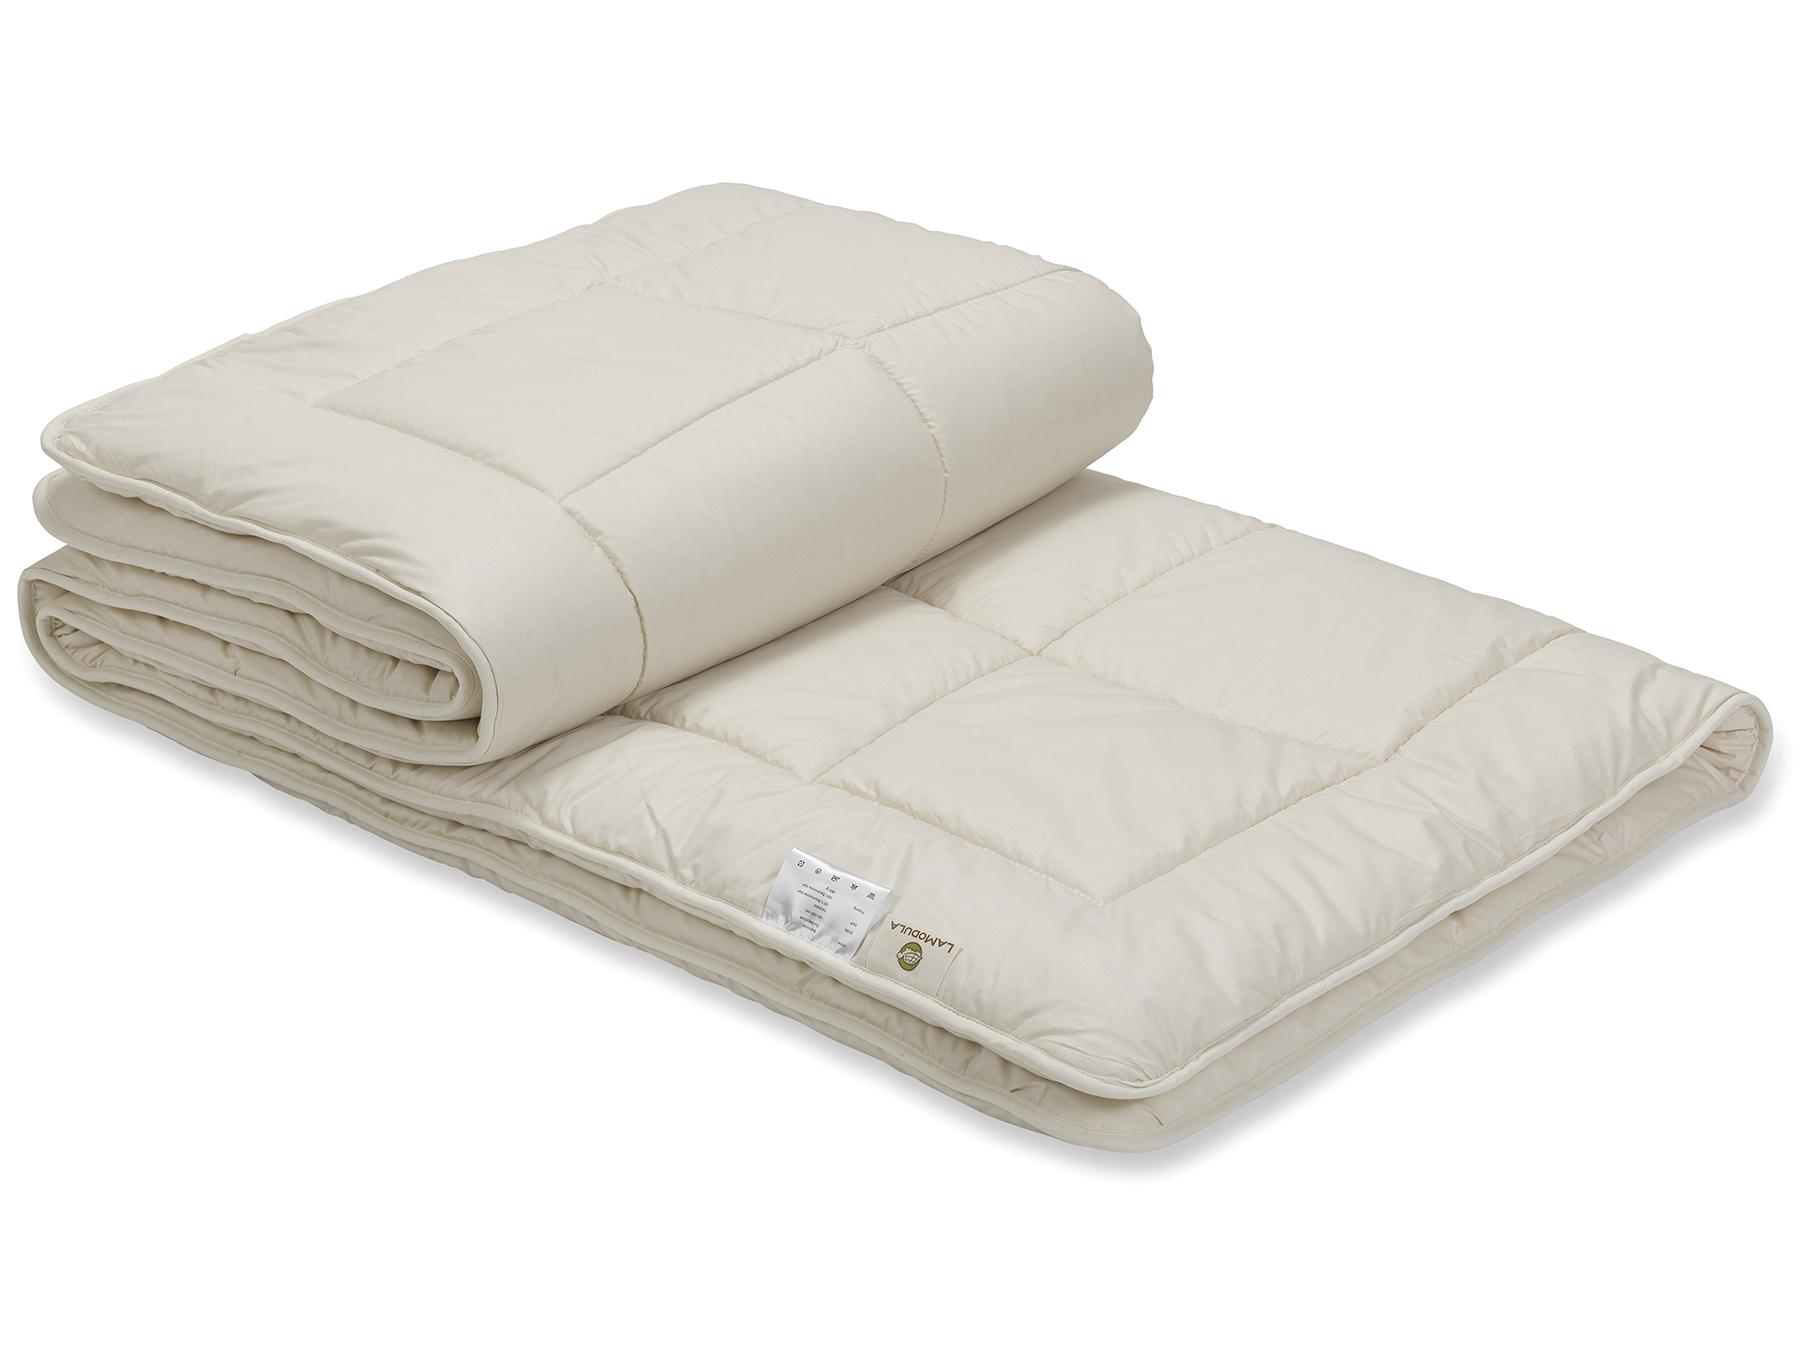 Unsere Duo-Decke ist besonders wärmend und kuschelig.